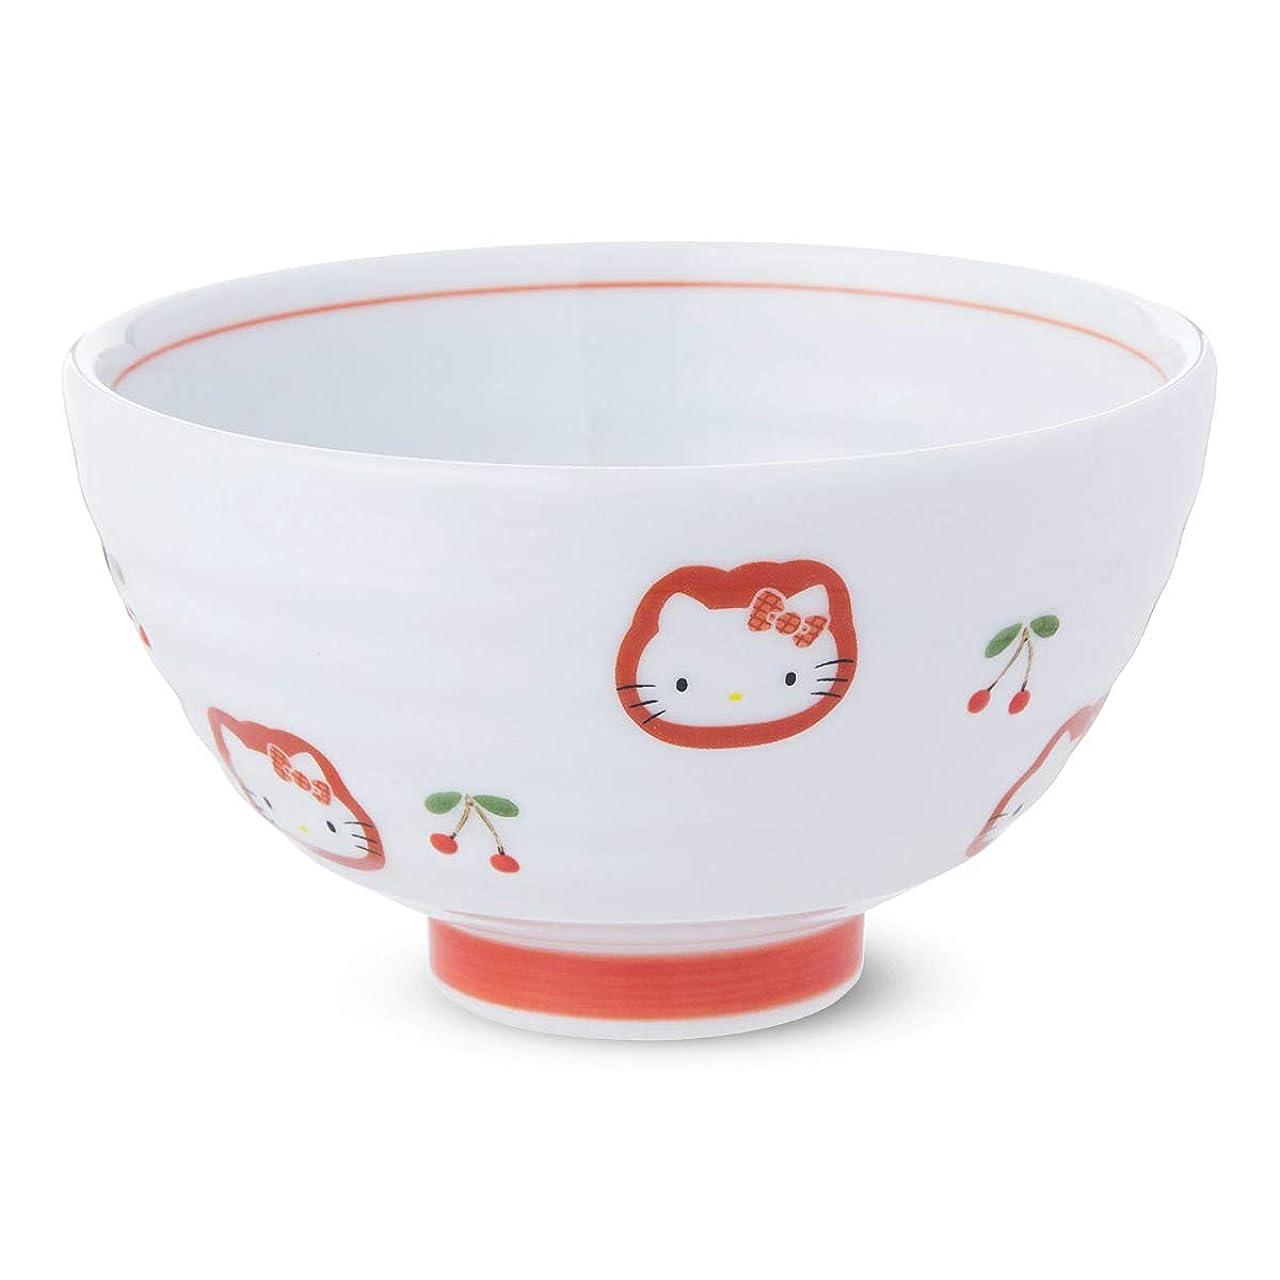 帰る手術ライラックランチャン(Ranchant) 茶碗 マルチ Φ10.7x高さ6.2cm ハローキティ チェリー 有田焼 日本製